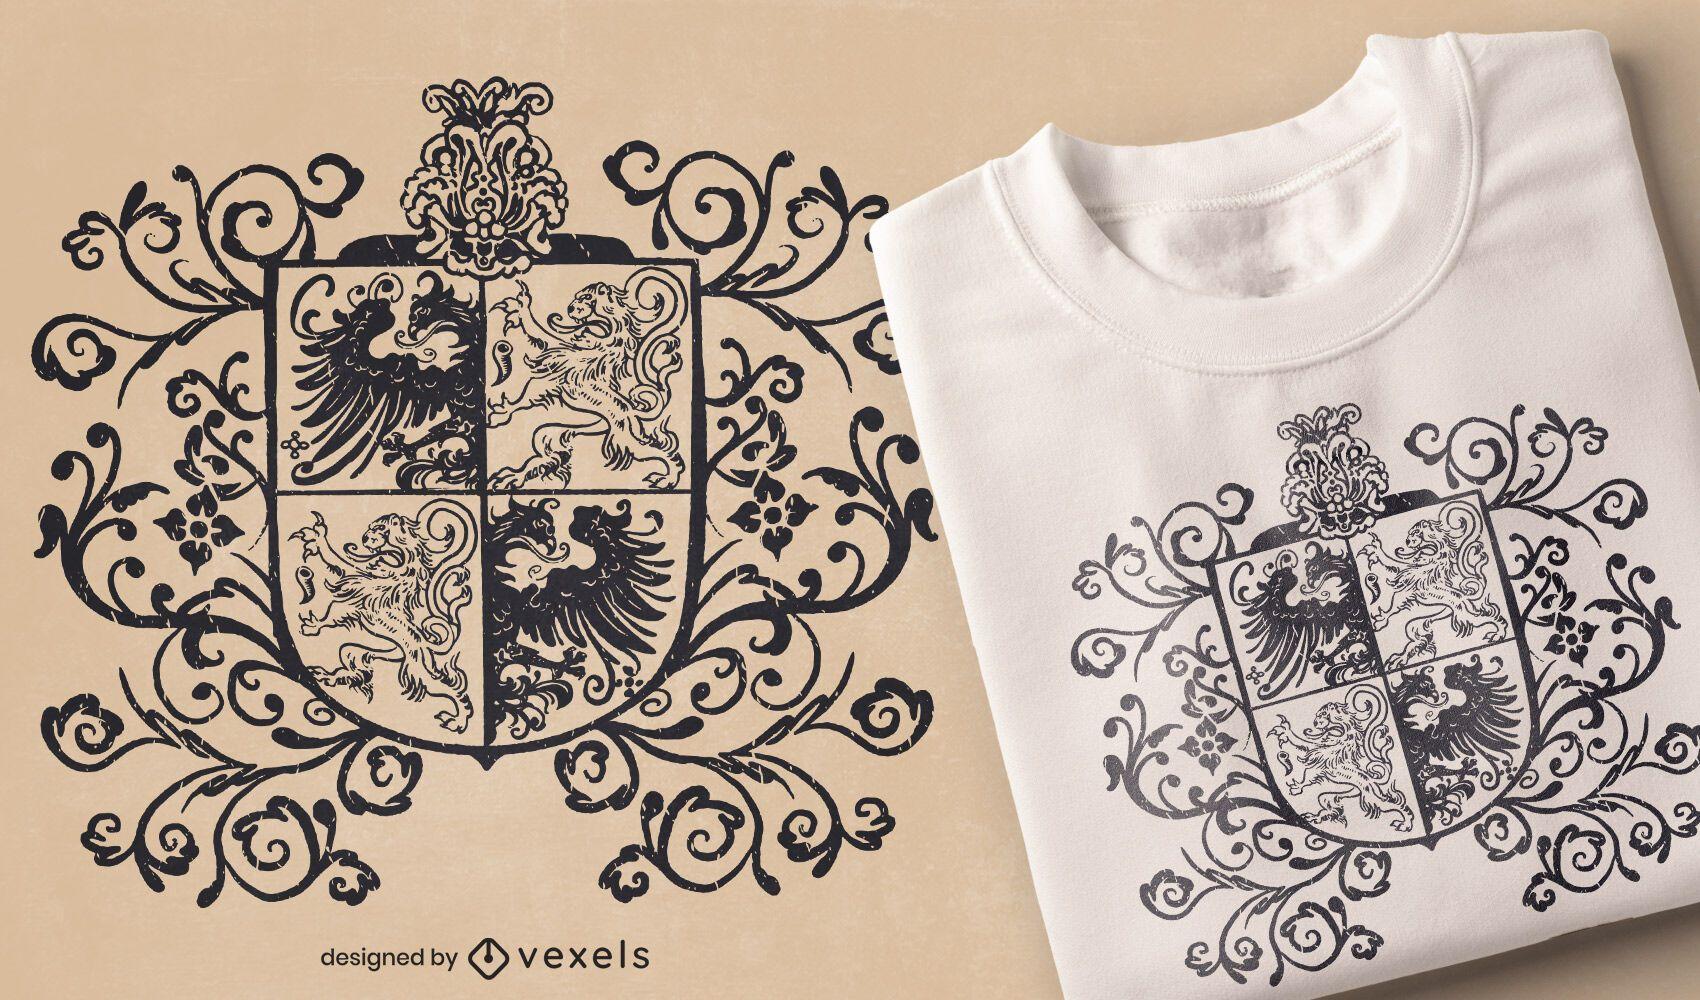 Diseño de camiseta con escudo heráldico.